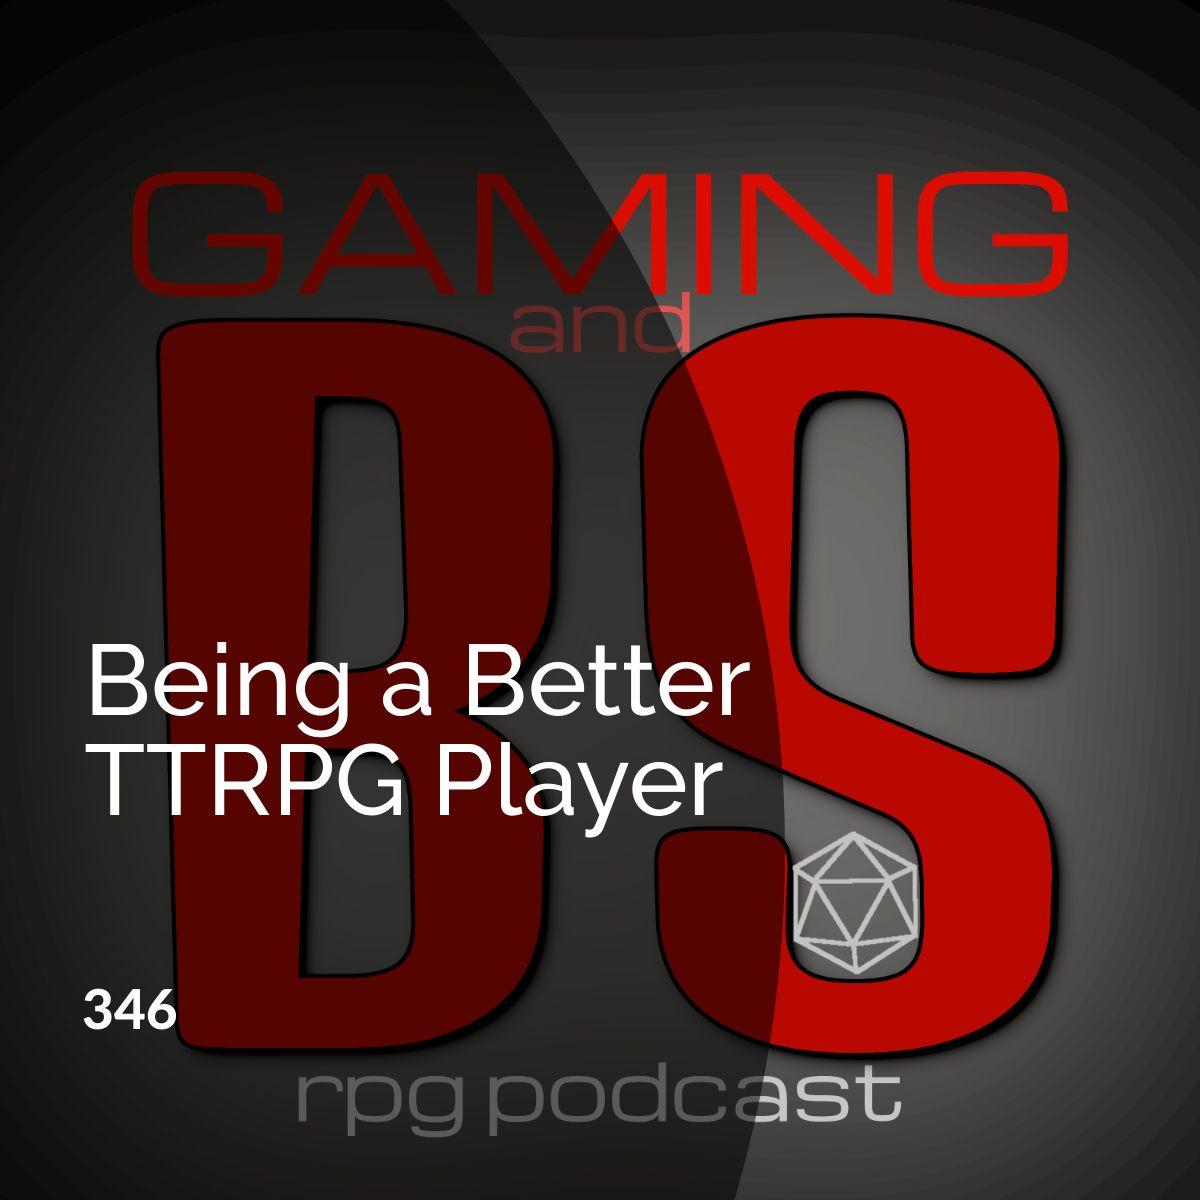 Being a Better TTRPG Player